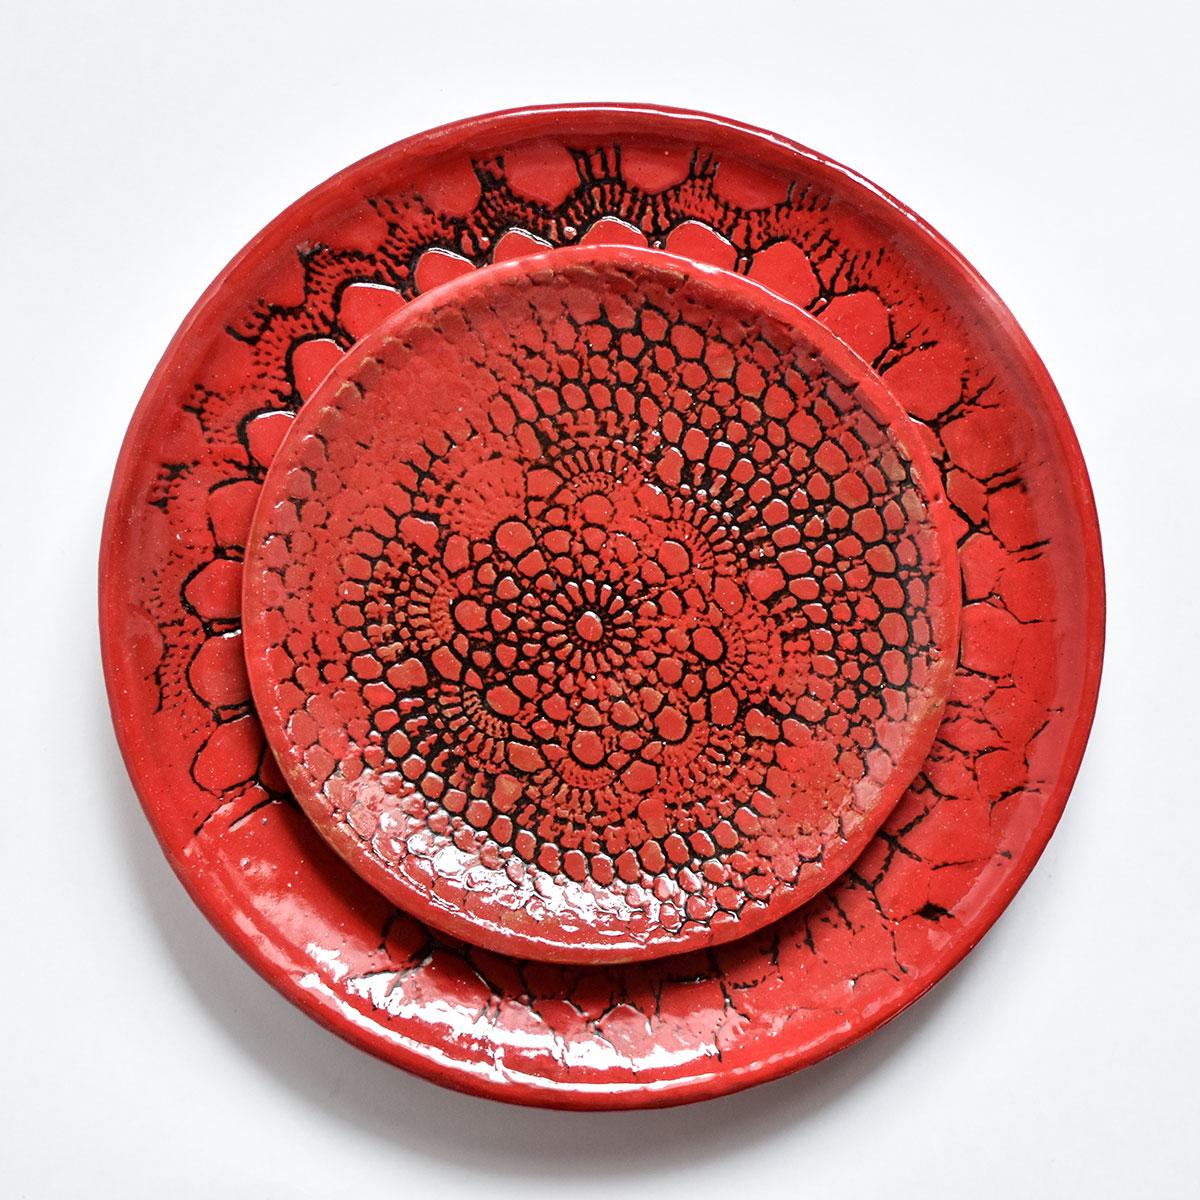 """картинка Кружевное блюдце ручной работы """"Огонь"""" 8 - DishWishes.Ru"""